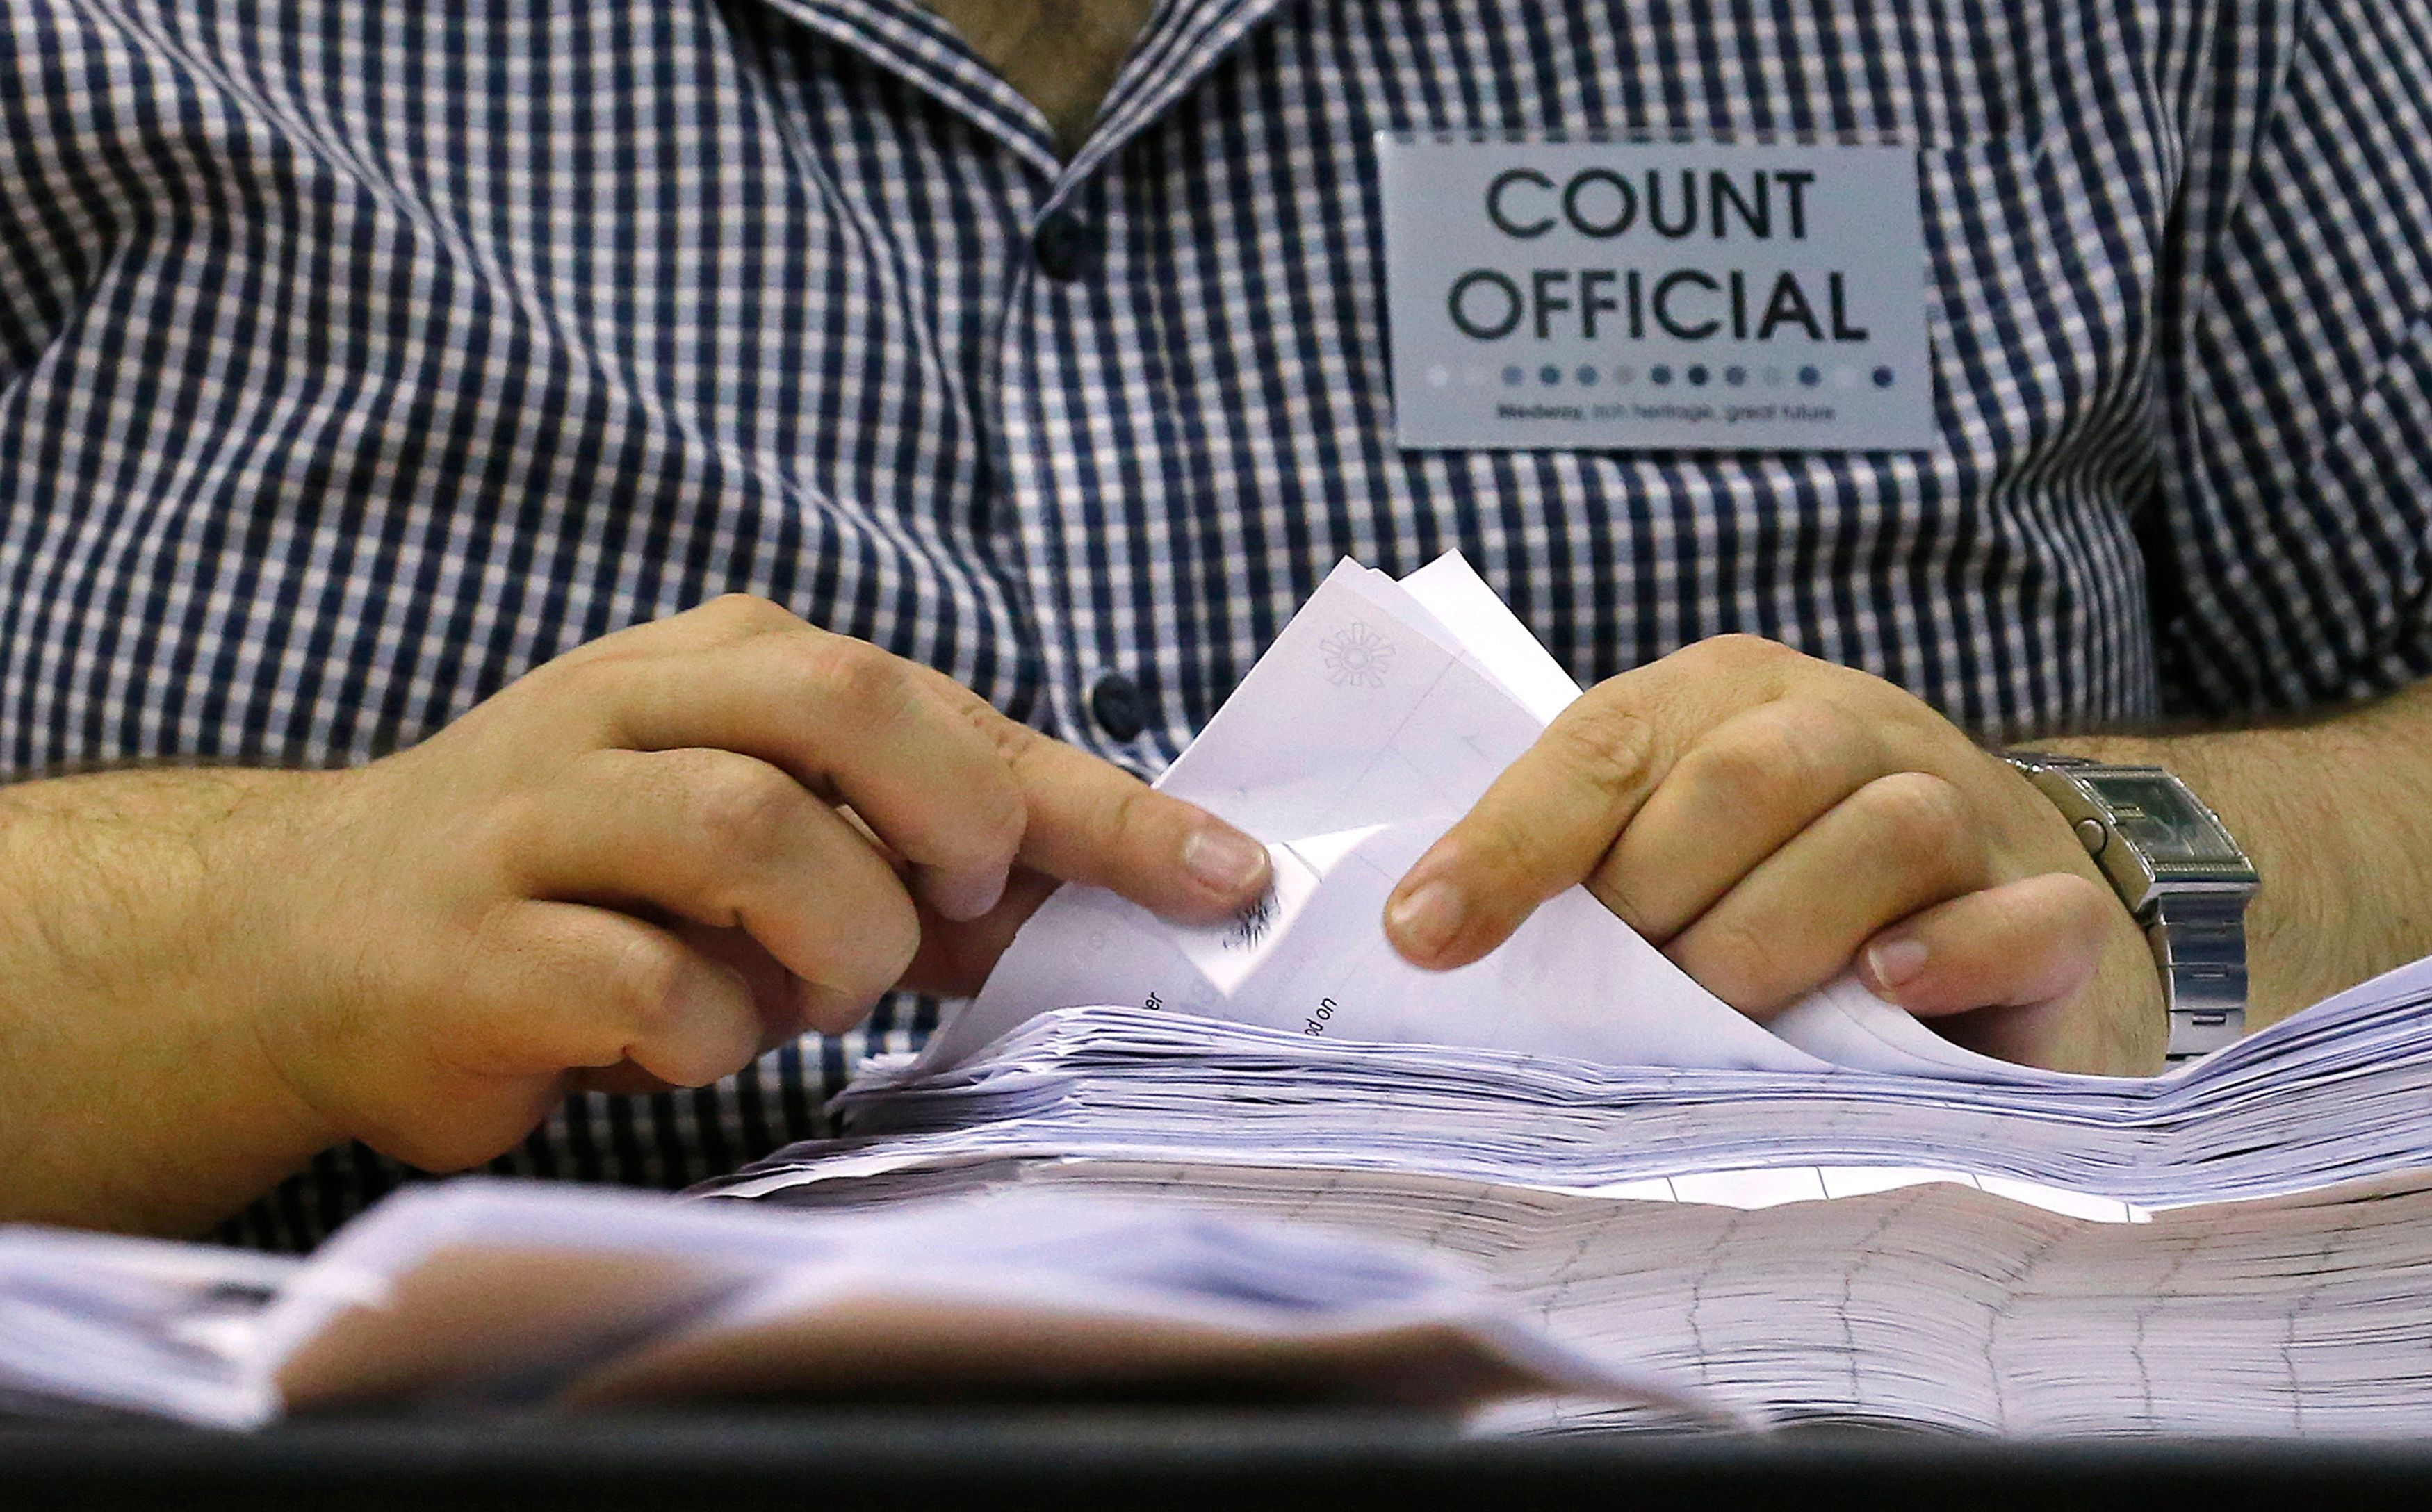 Les fonctionnaires gagnent 10% de plus que les salariés du privé